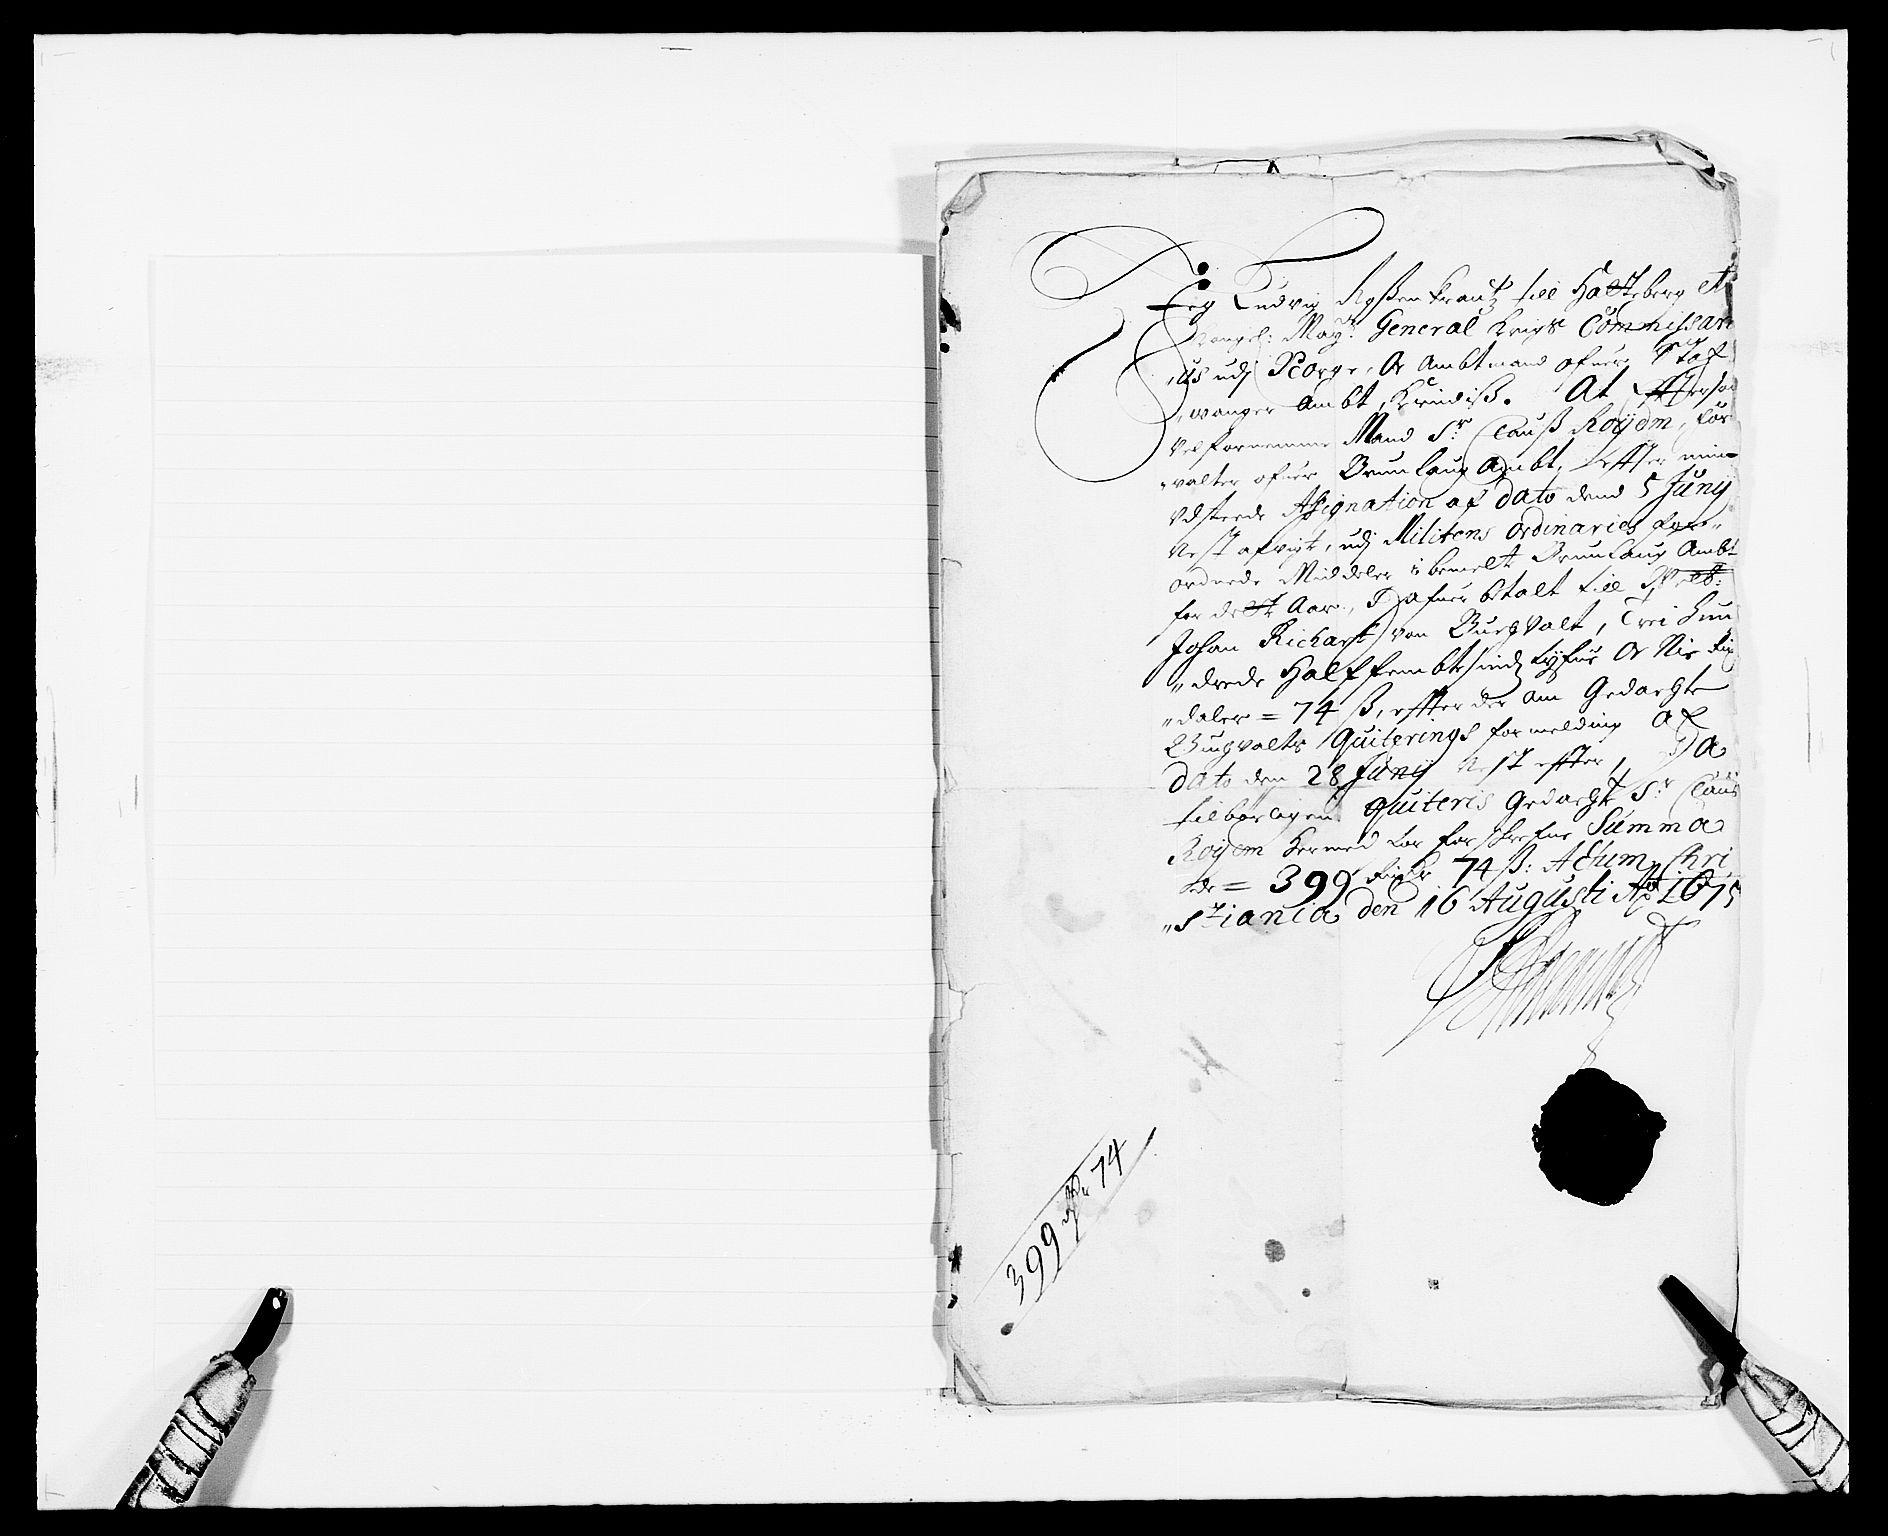 RA, Rentekammeret inntil 1814, Reviderte regnskaper, Fogderegnskap, R33/L1967: Fogderegnskap Larvik grevskap, 1675-1687, s. 239